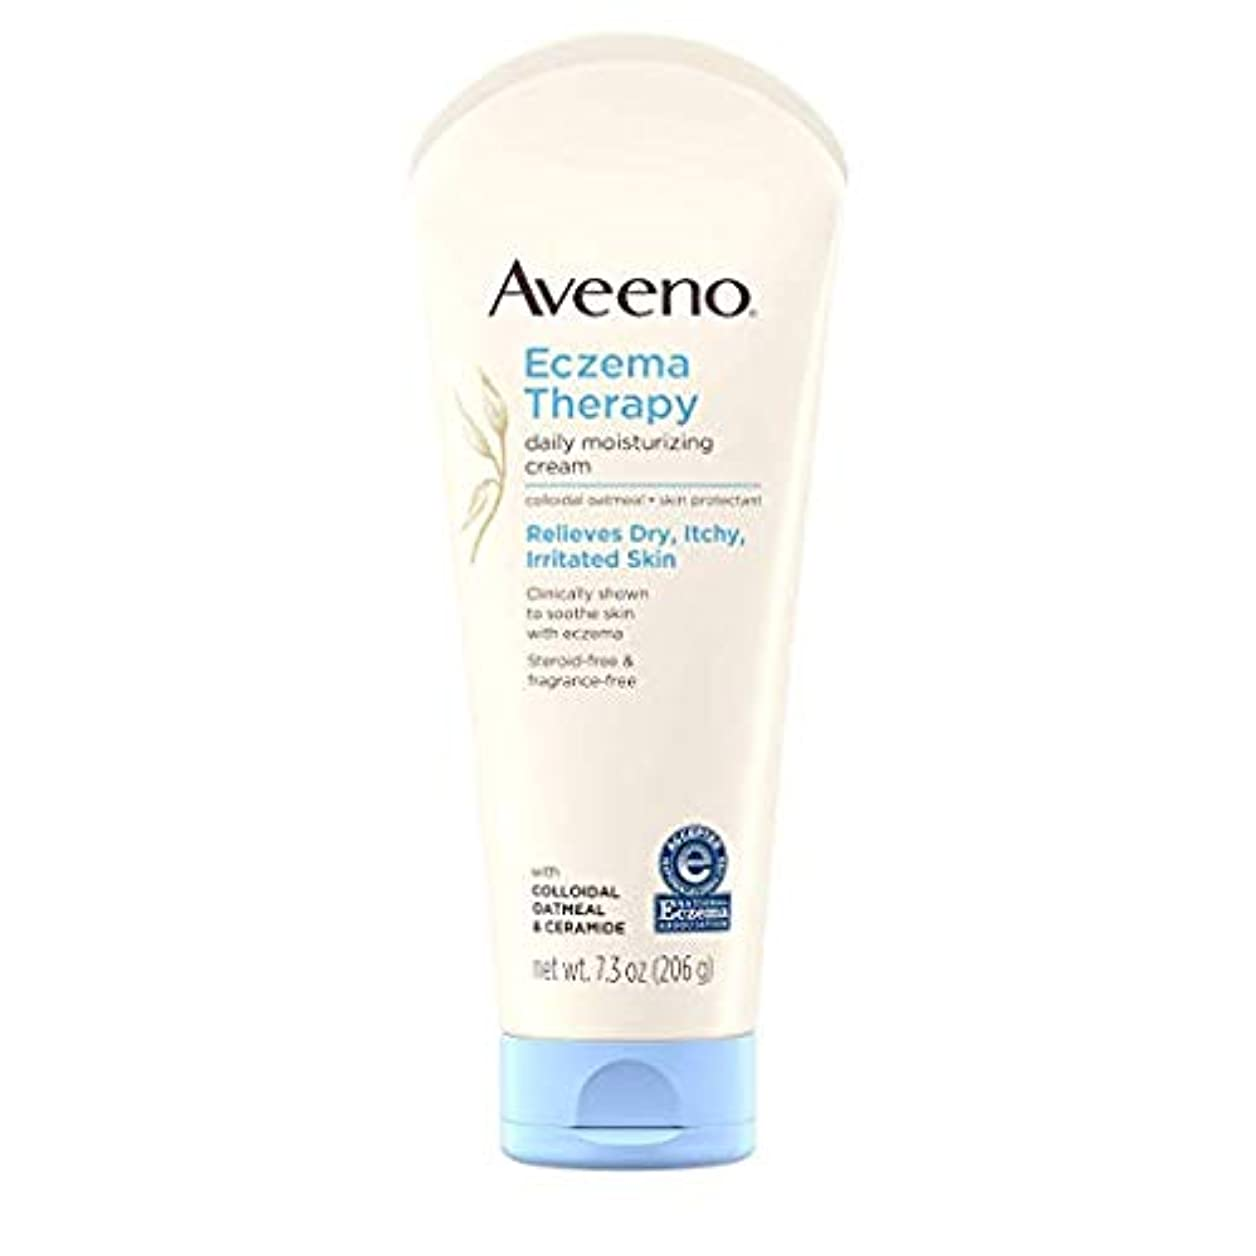 マウンド出発する労苦Aveeno - Eczema Therapy Moisturizing Cream - 7.3 oz (206 g) アビーノ 保湿クリーム [並行輸入品]